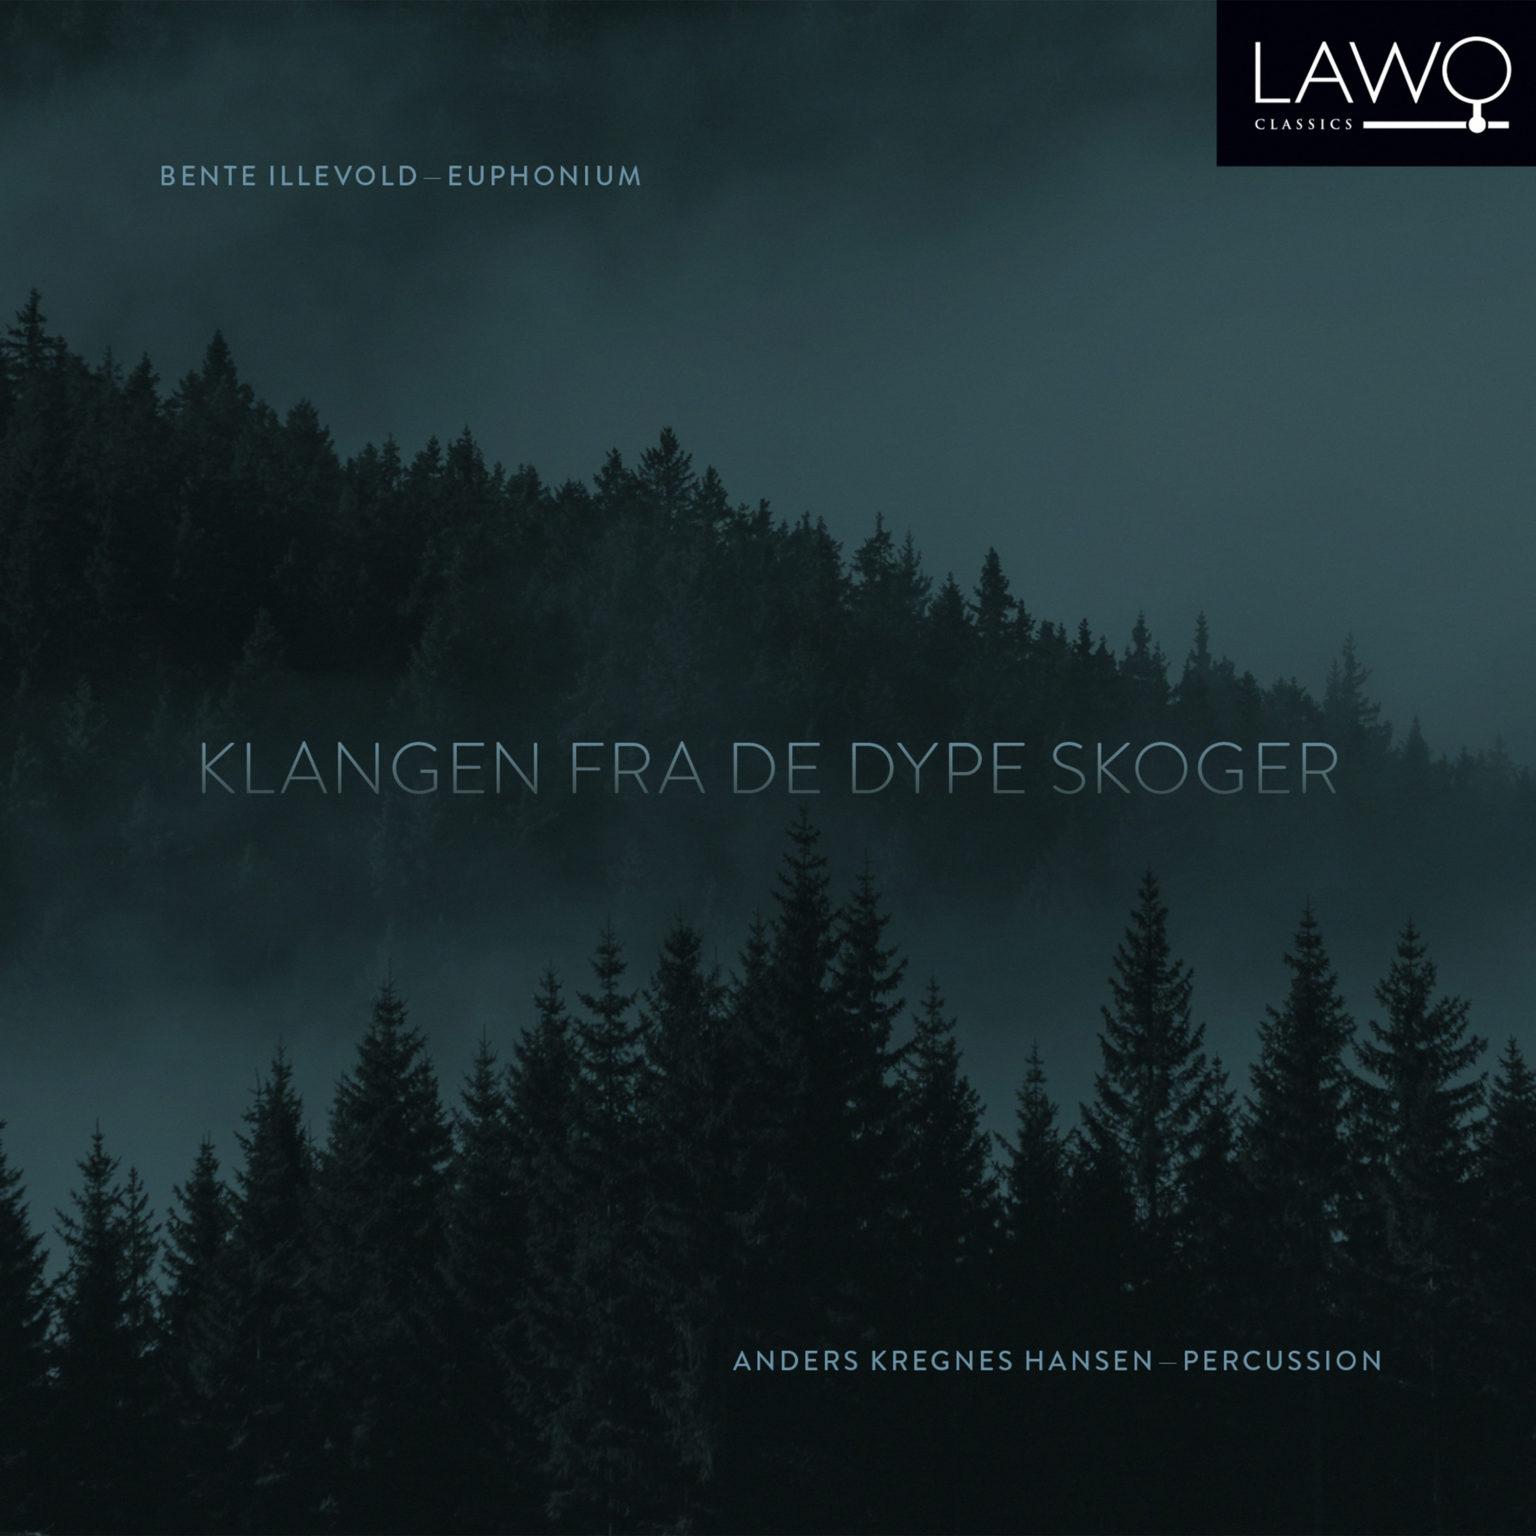 Click image for larger version.  Name:LWC1195_Bente_Illevold_Klangen_fra_de_dype_skoger_cover_3000x3000px-1536x1536.jpg Views:2950 Size:174.8 KB ID:7720